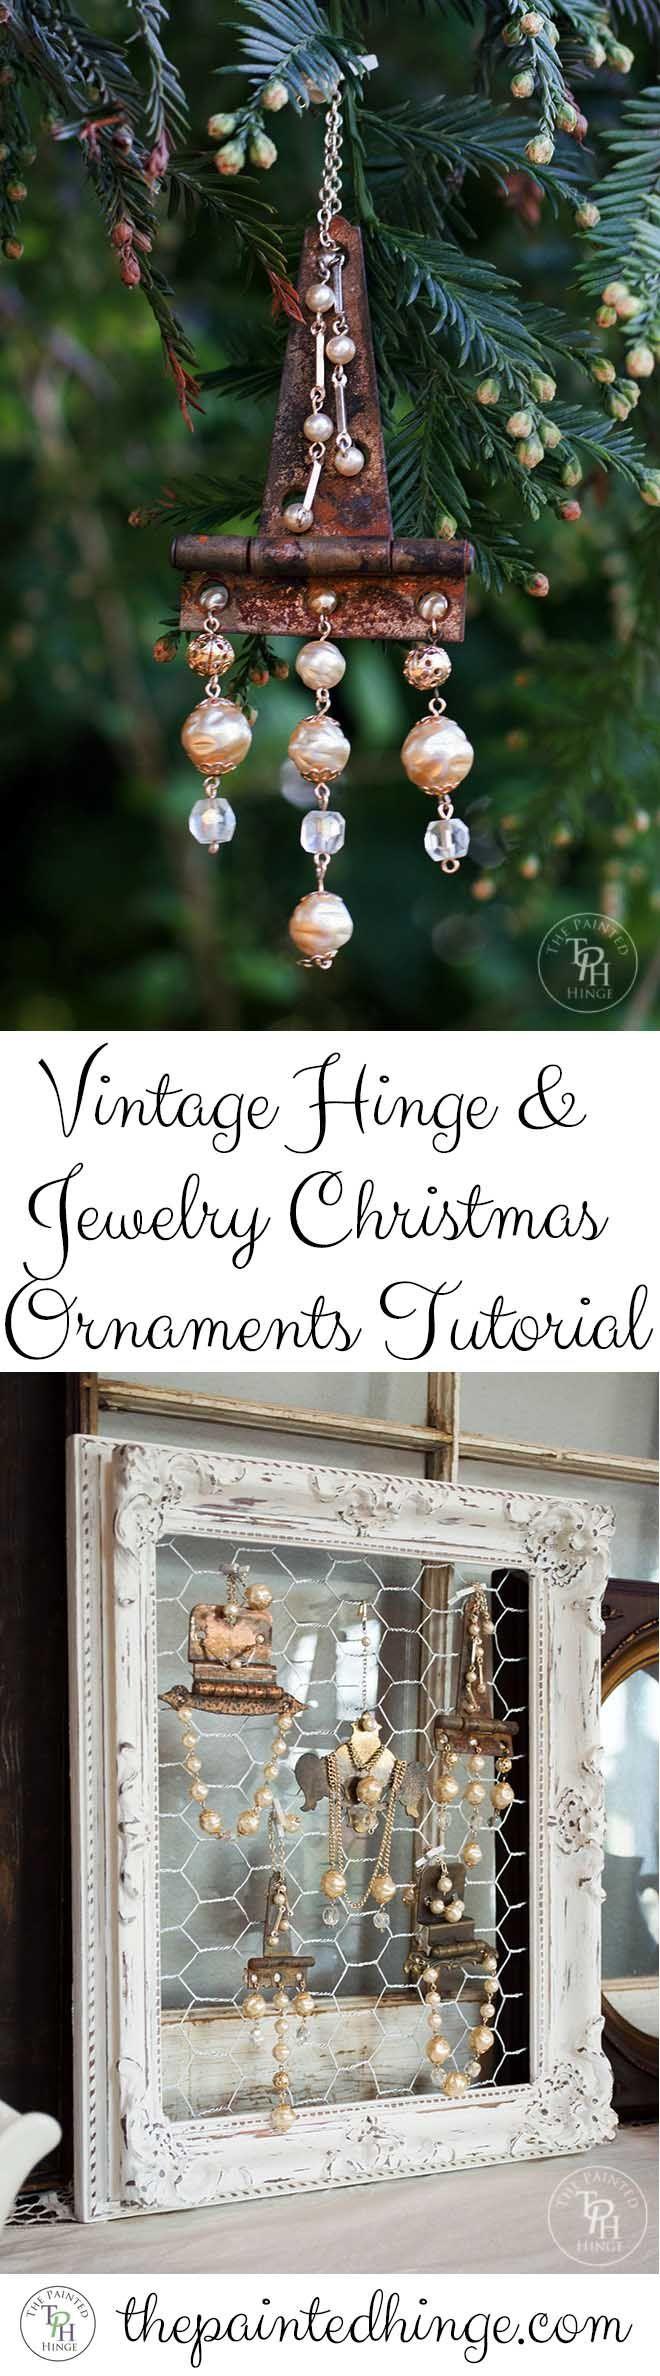 Vintage Hinge & Jewelry Christmas Ornaments DIY Tutorial!: